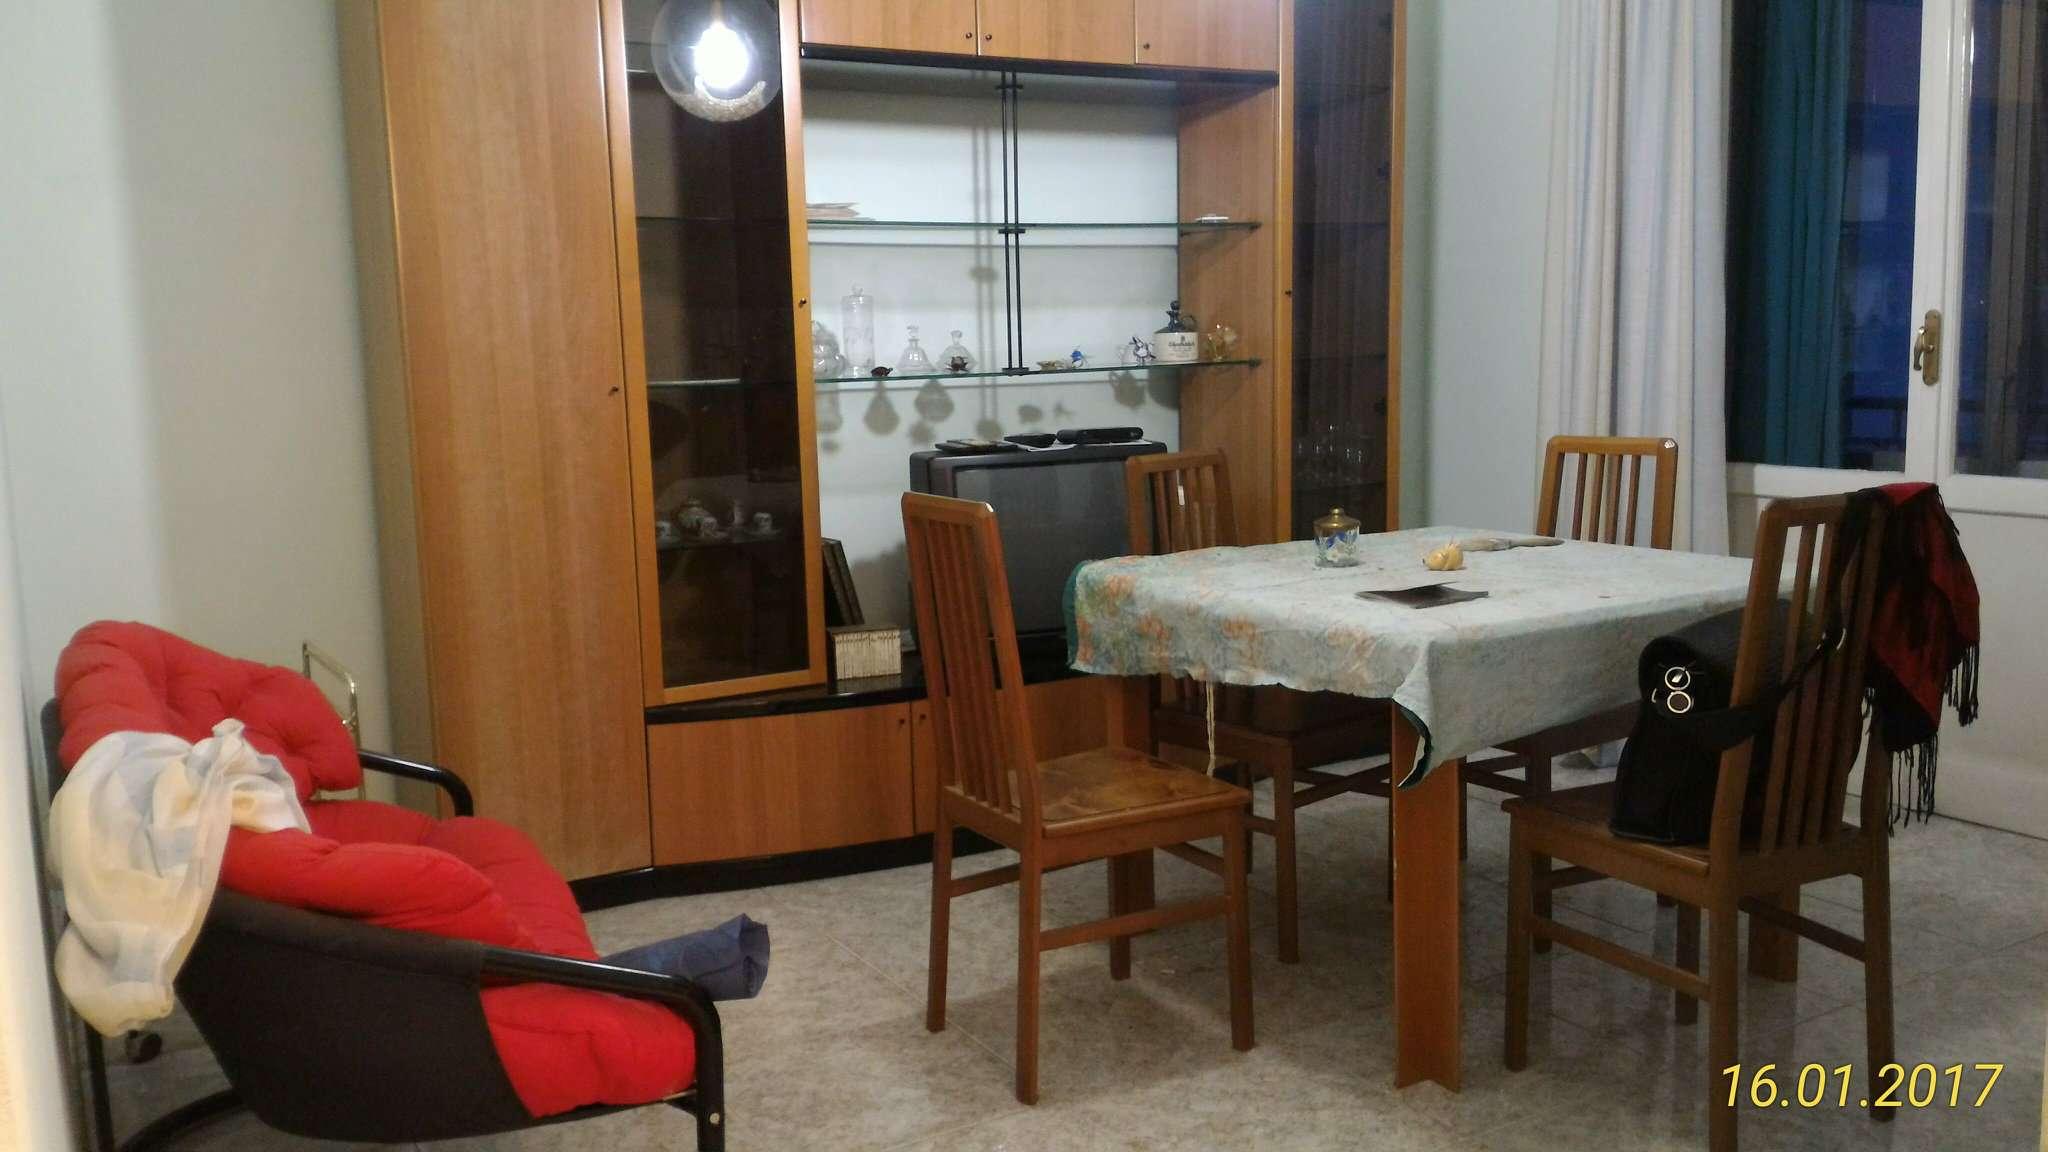 Appartamento in affitto a Bologna, 3 locali, zona Zona: 16 . S.Viola, Battindamo, Saffi, prezzo € 750   Cambio Casa.it